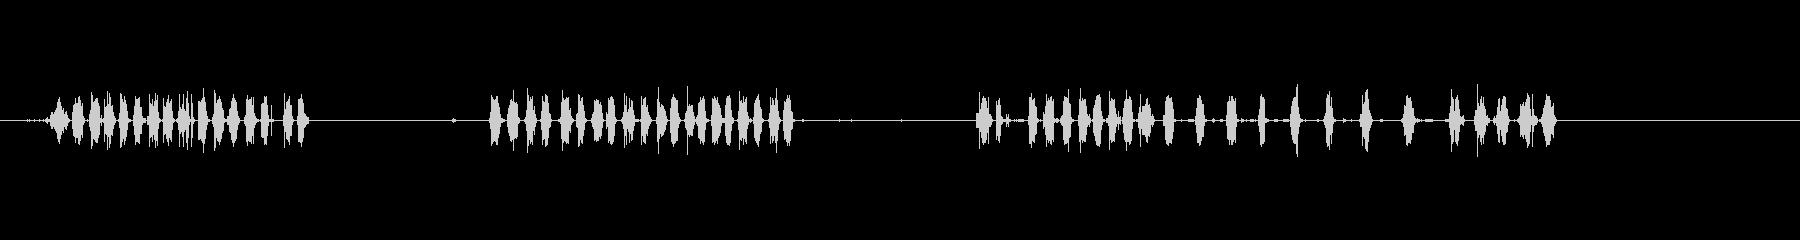 ペッパーミル、キッチン; DIGI...の未再生の波形